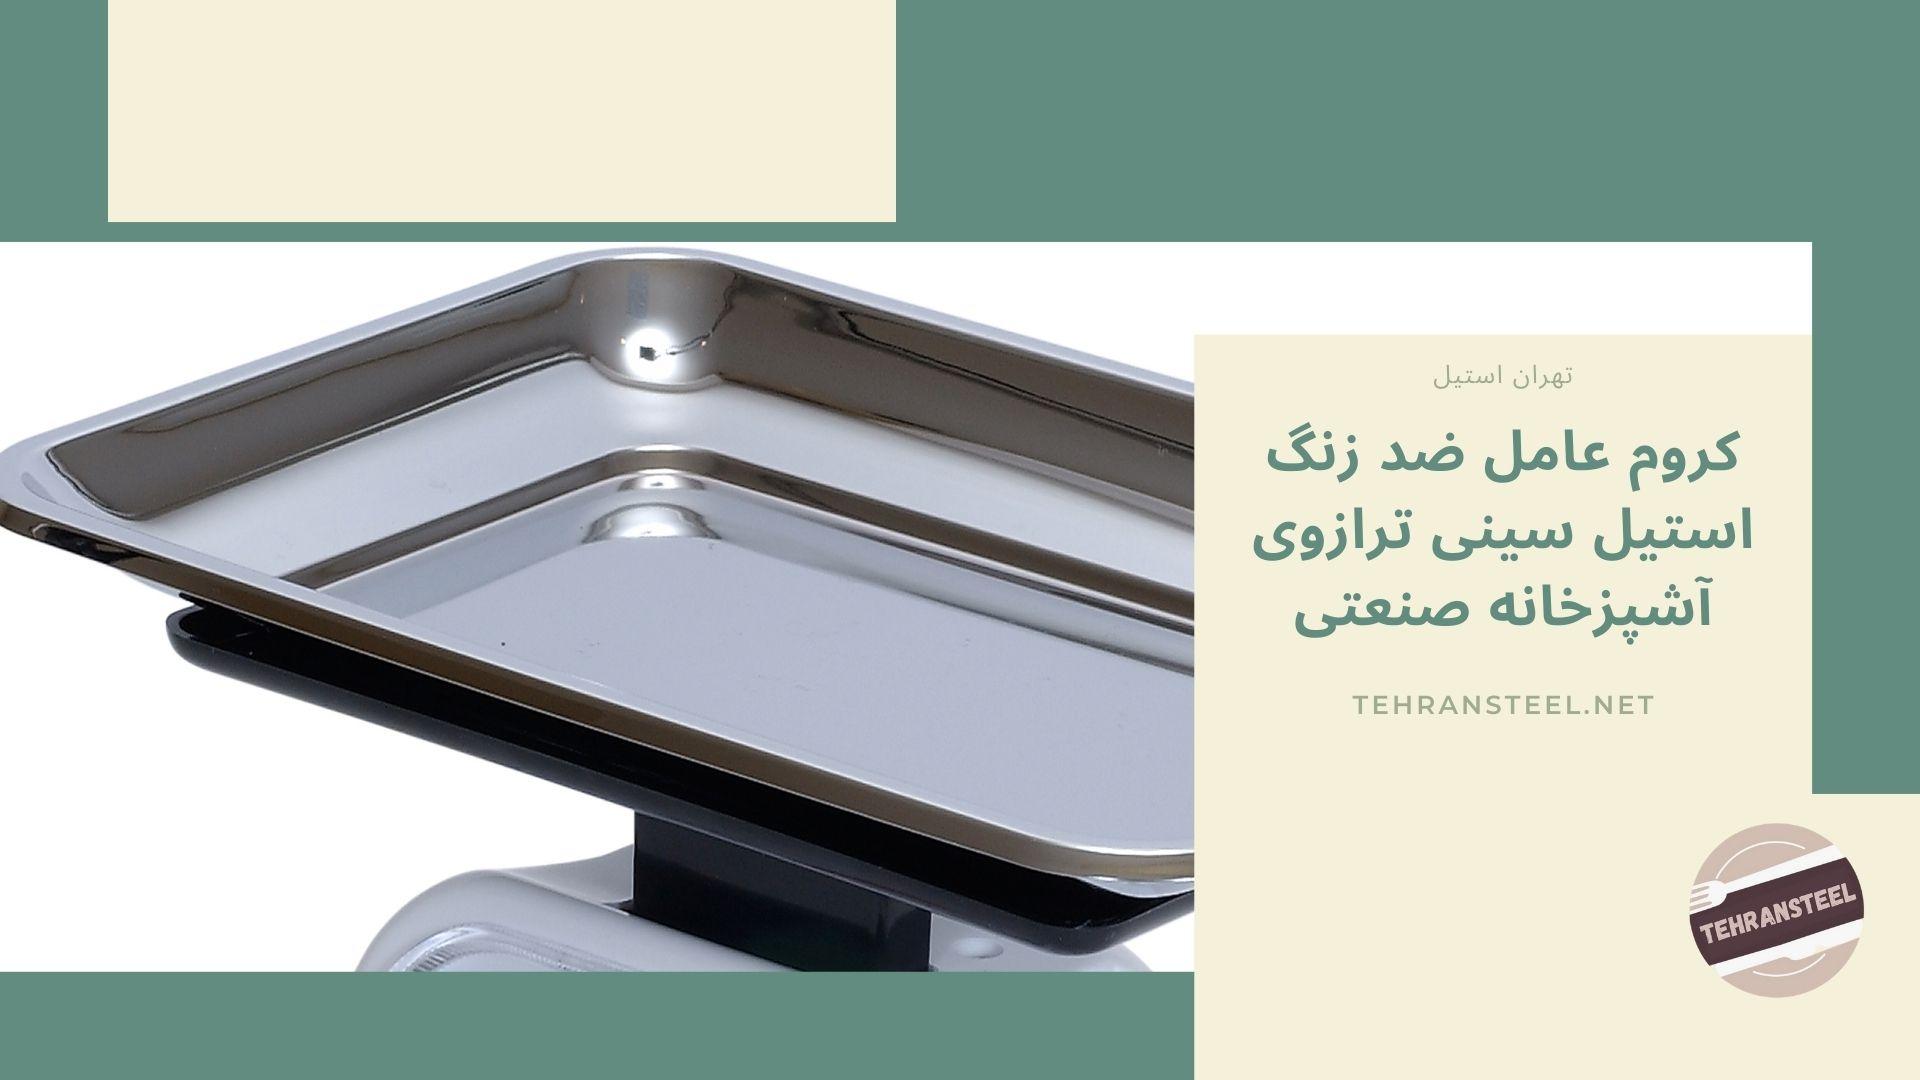 کروم عامل ضد زنگ استیل سینی ترازوی آشپزخانه صنعتی